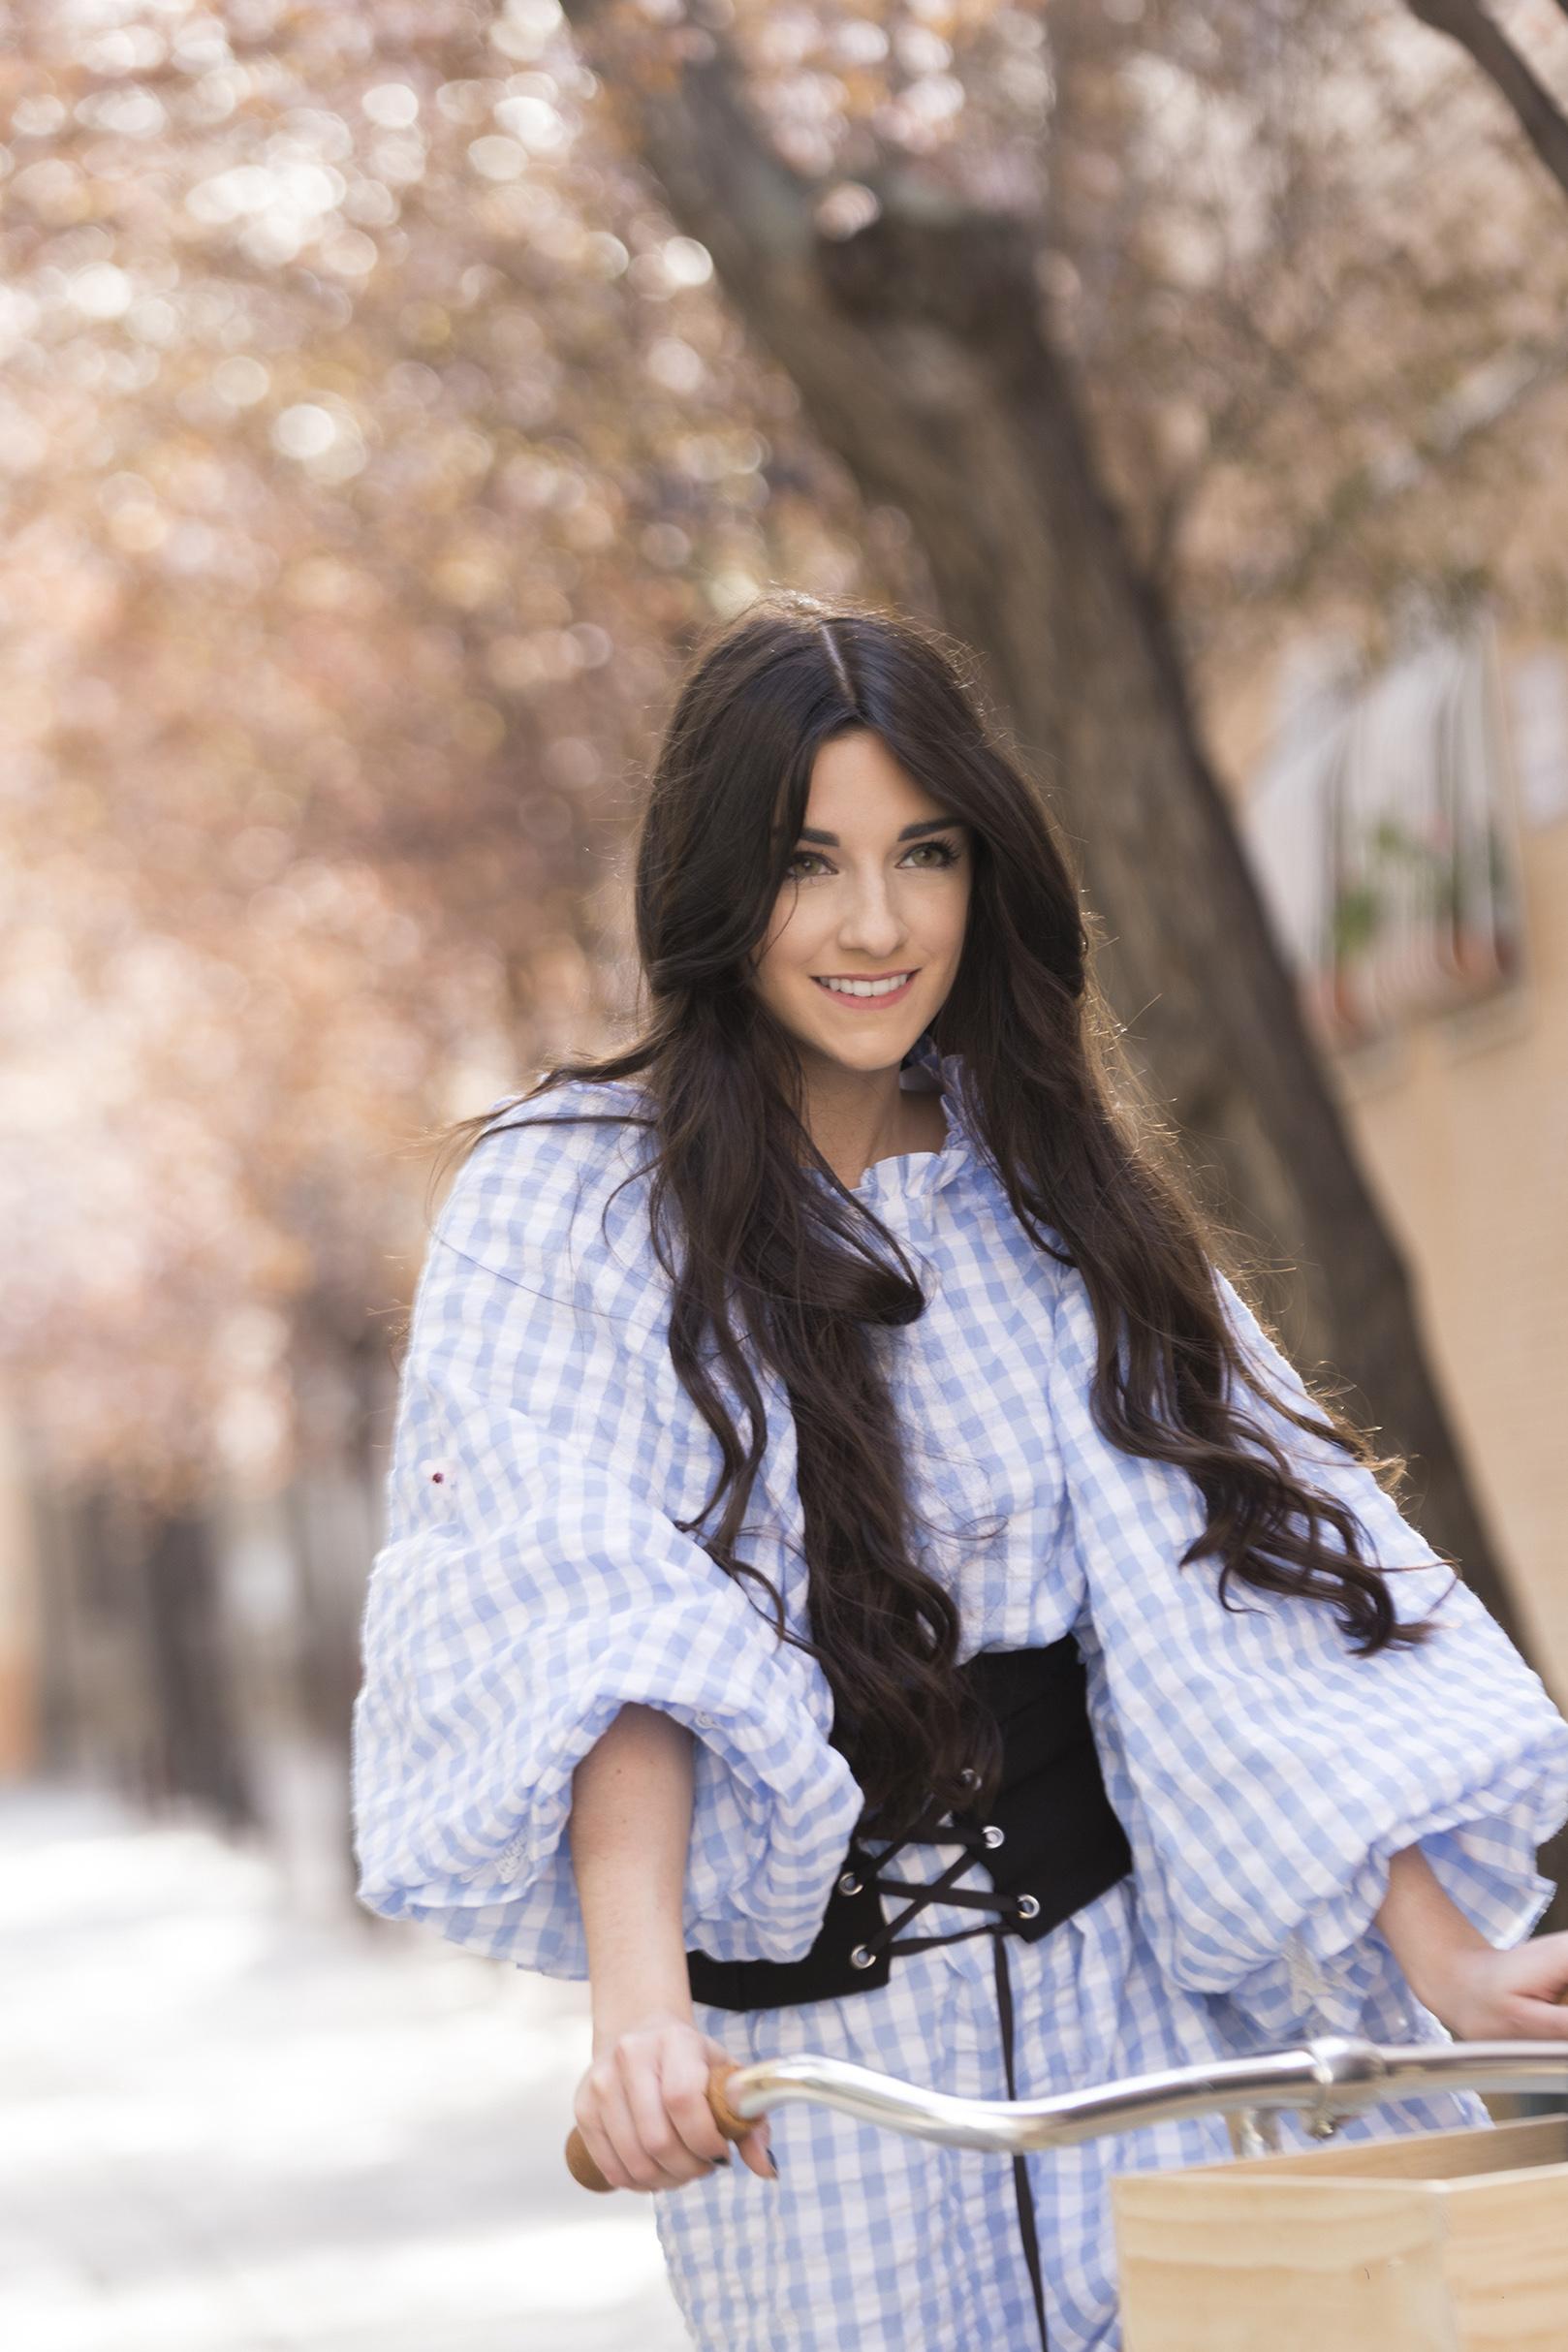 Peluqueria Zaragoza influencer Almudena Castellano @almucaste